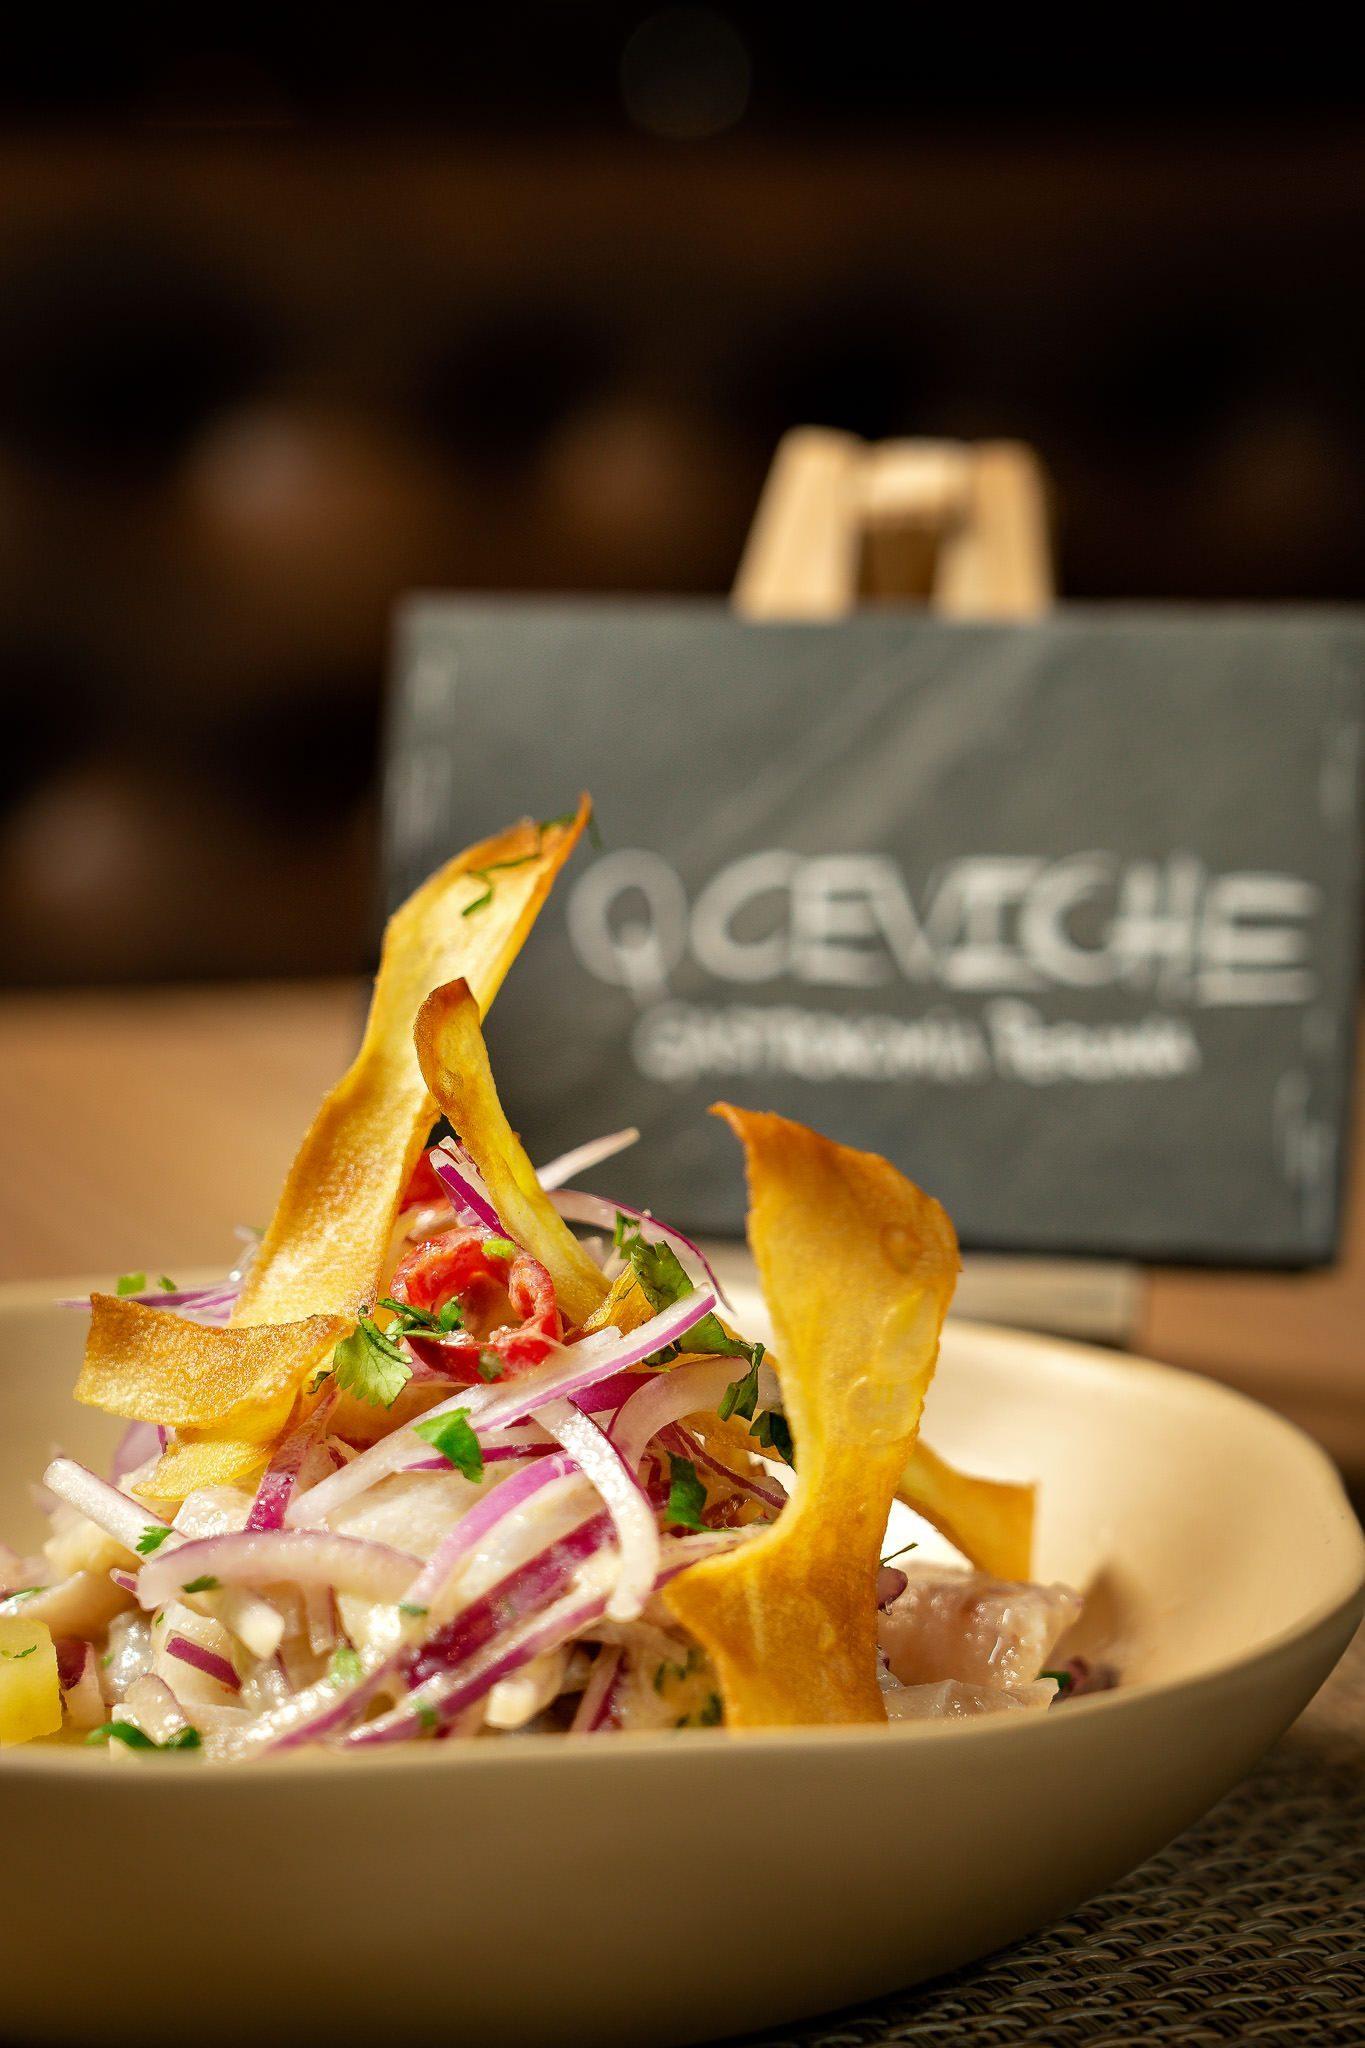 QCeviche! - Gastronomia Peruana